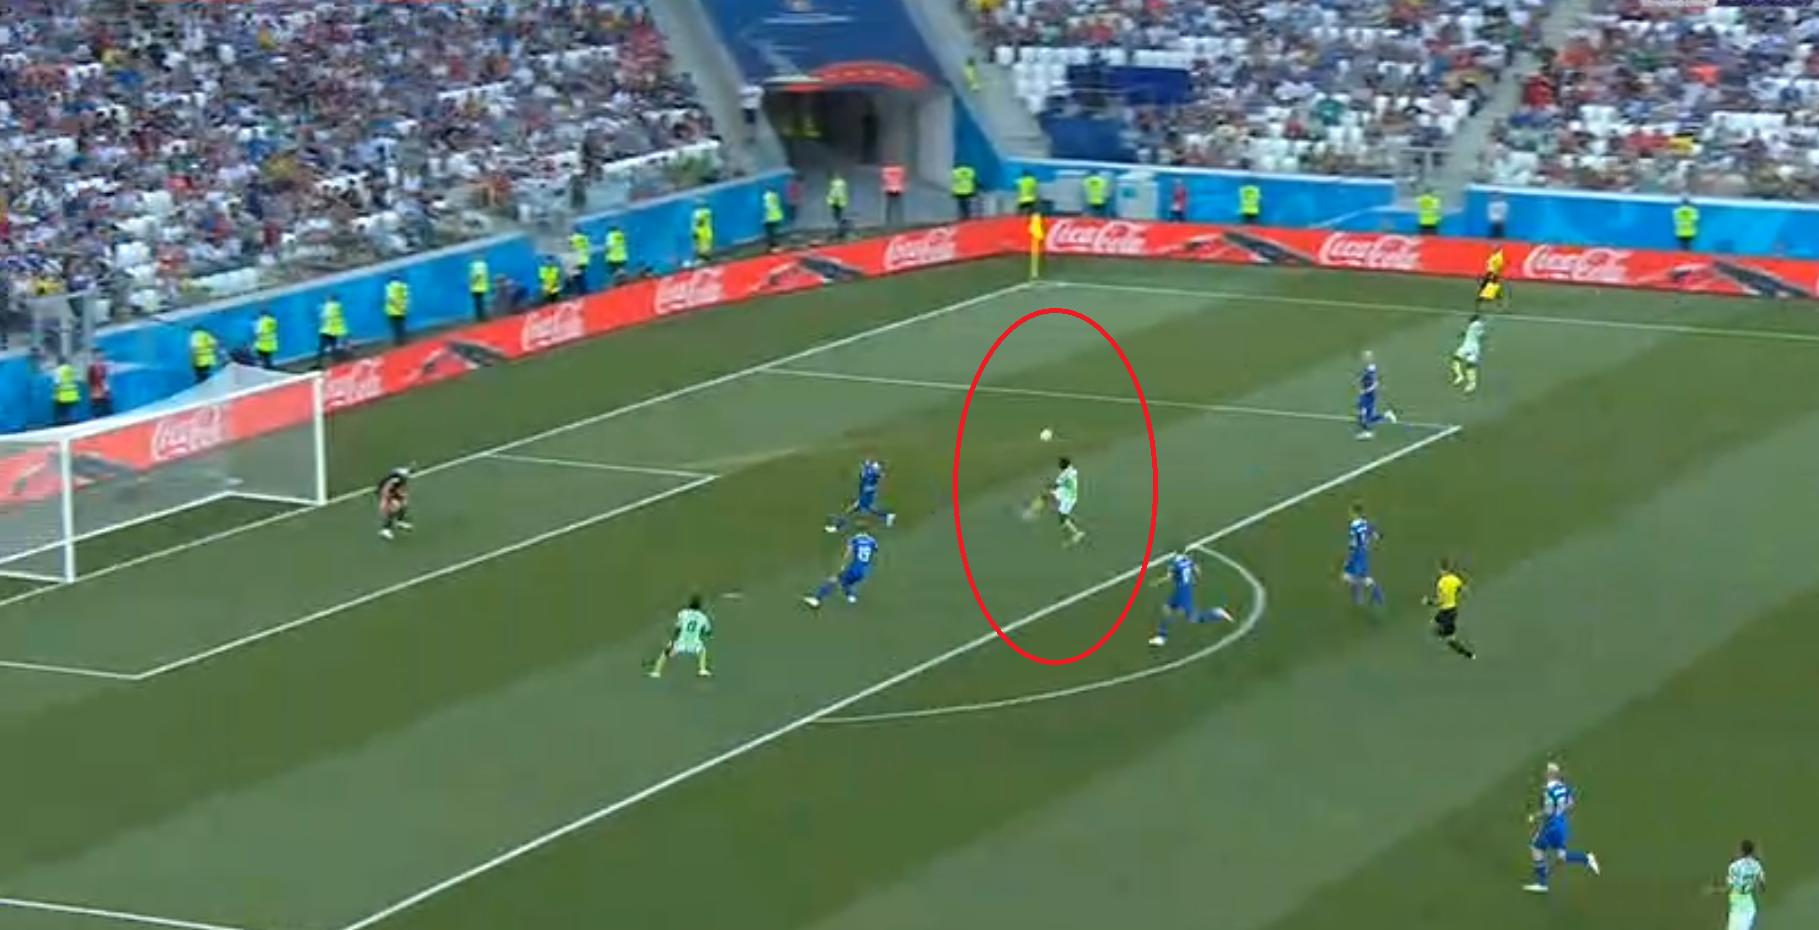 Football - Coupe du monde - Coupe du monde 2018 : le magnifique enchaînement de Musa sur le premier but en vidéo